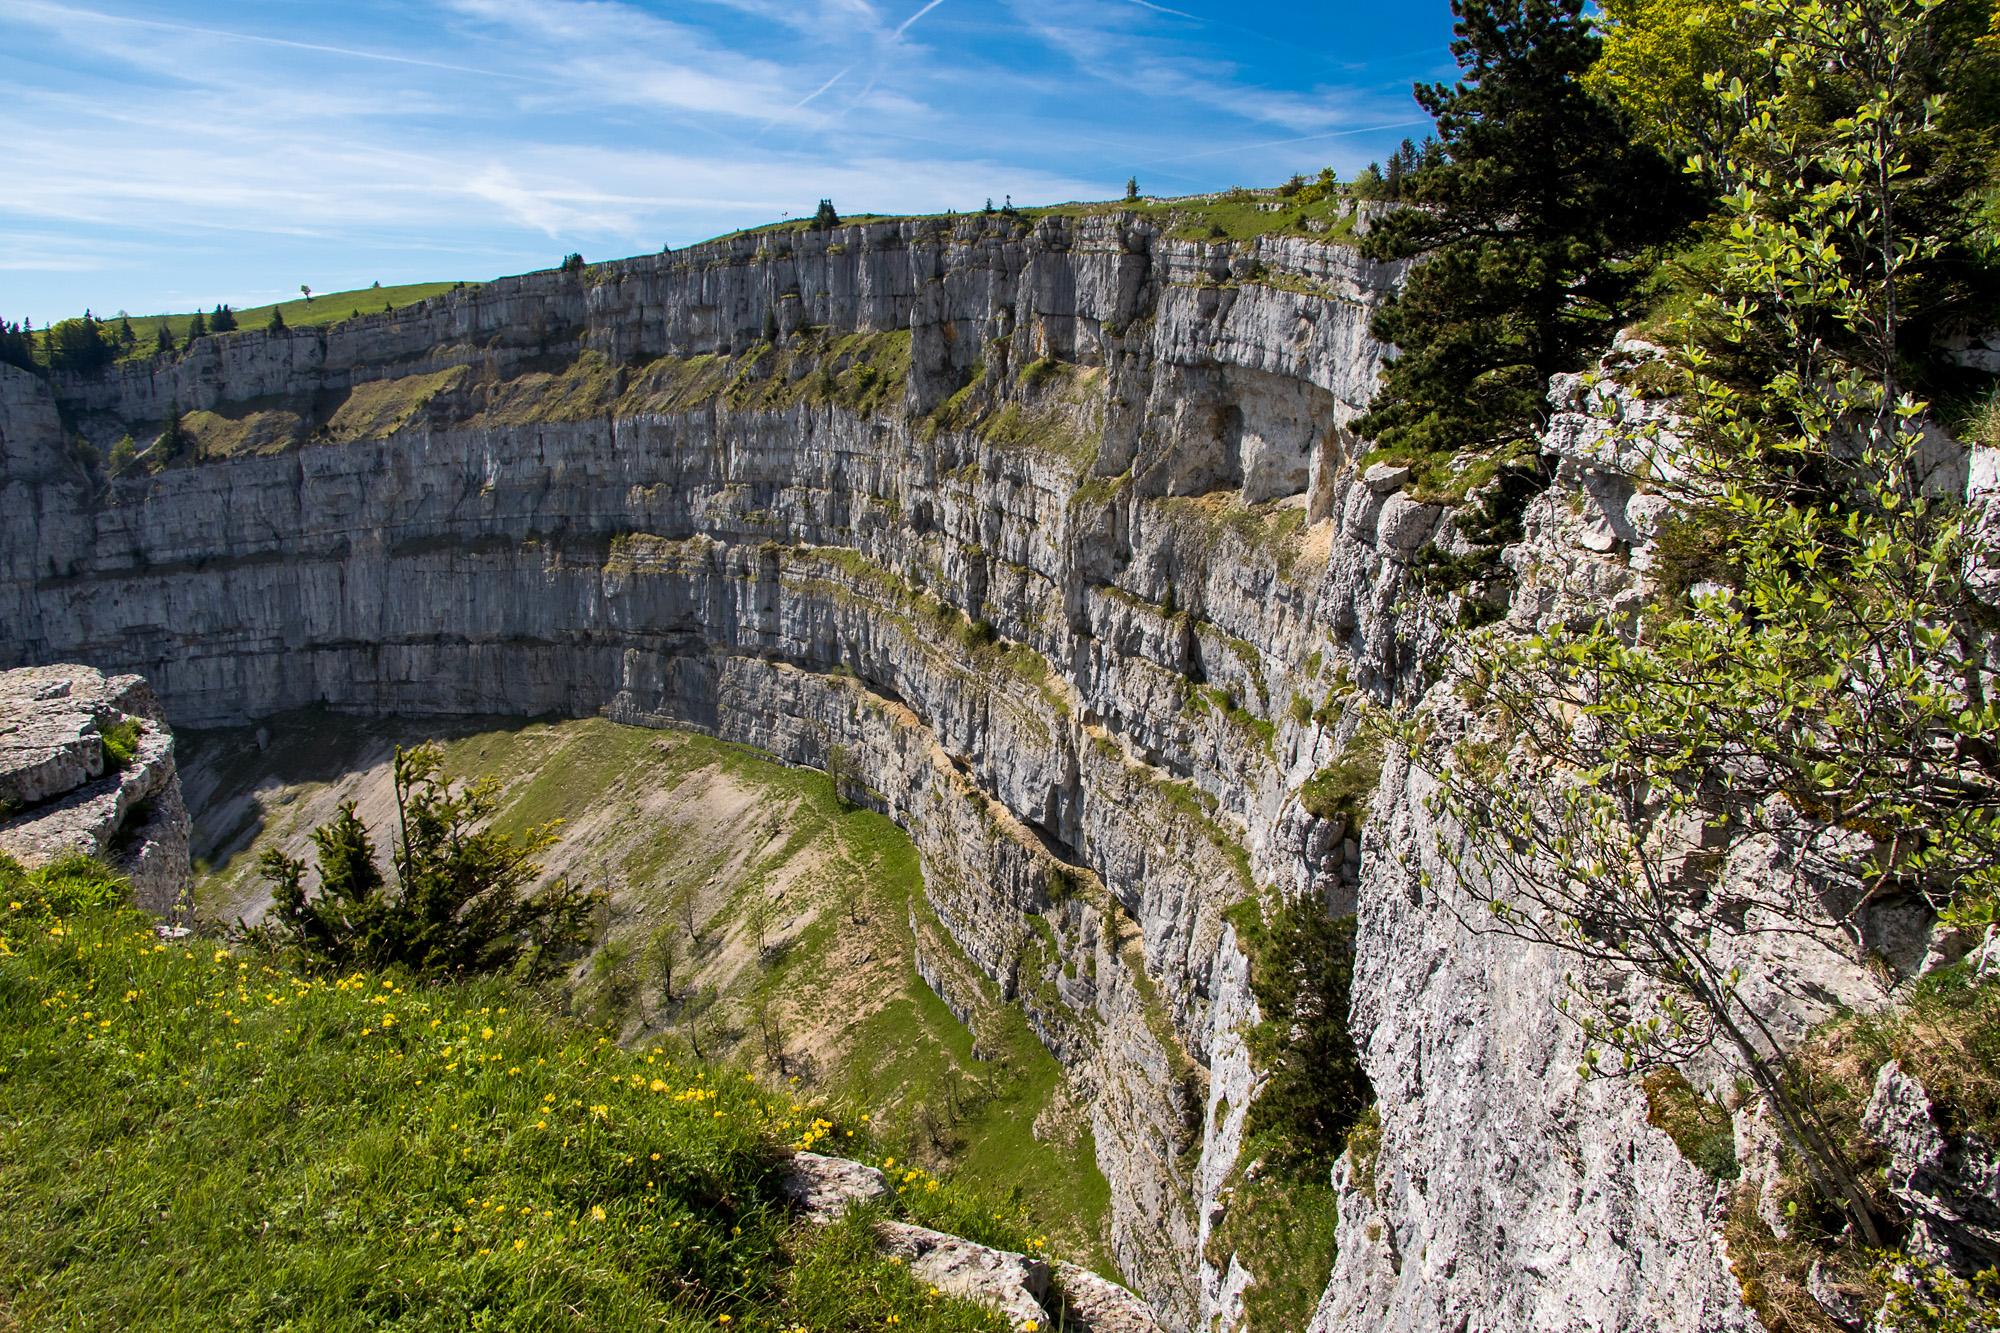 160 Meter Höhe messen die steilen Felswände